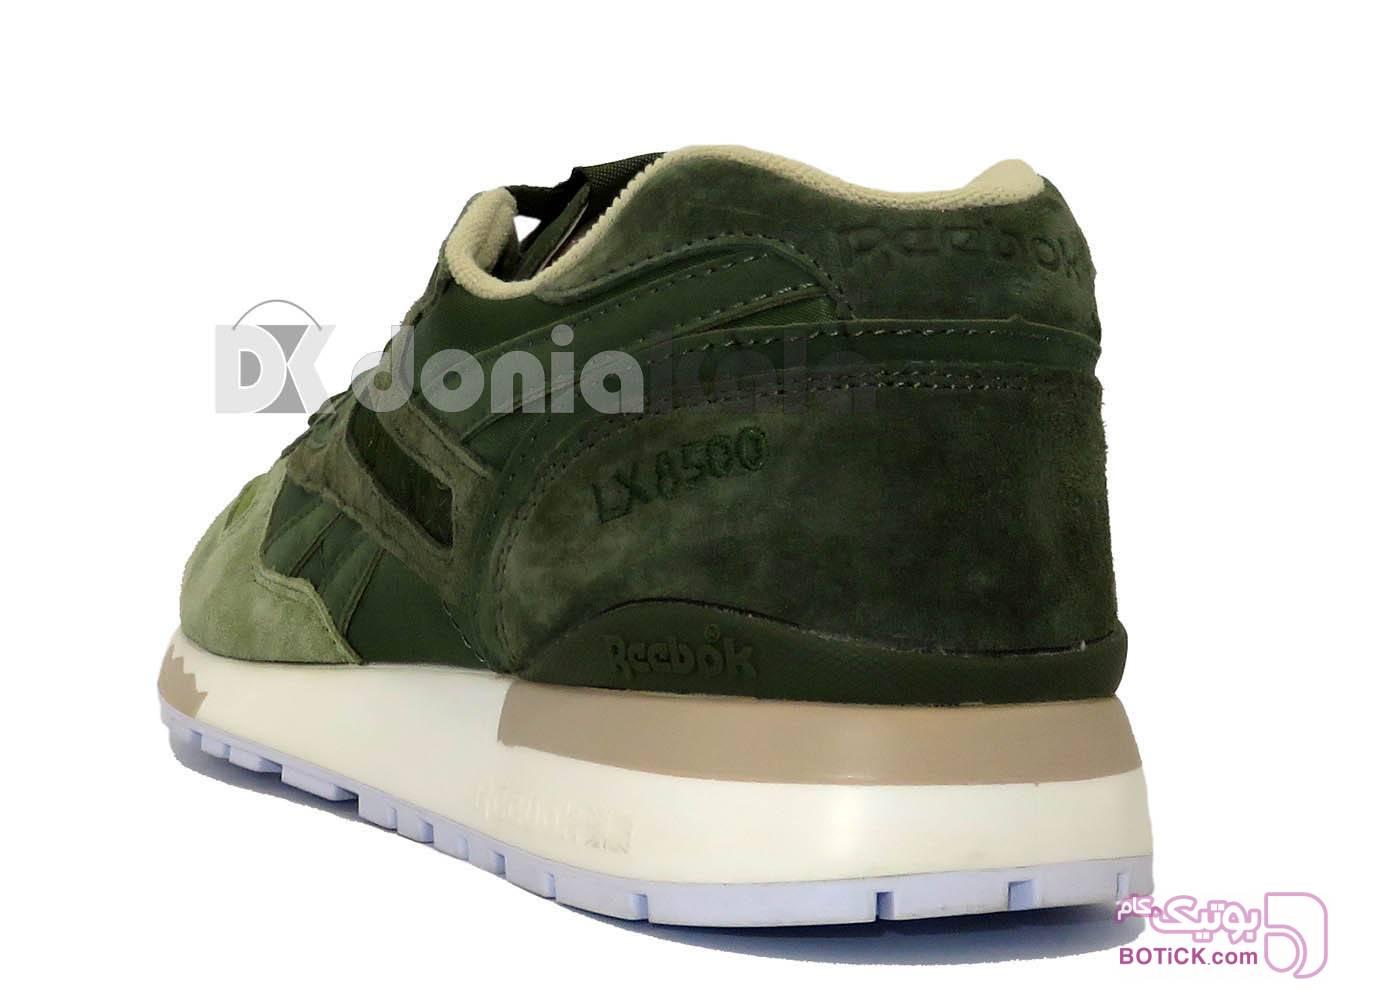 کفش و کتونی اسپرت مردانه مخصوص پیاده روی ریبوک مدل reebok 059503 سبز كتانی مردانه